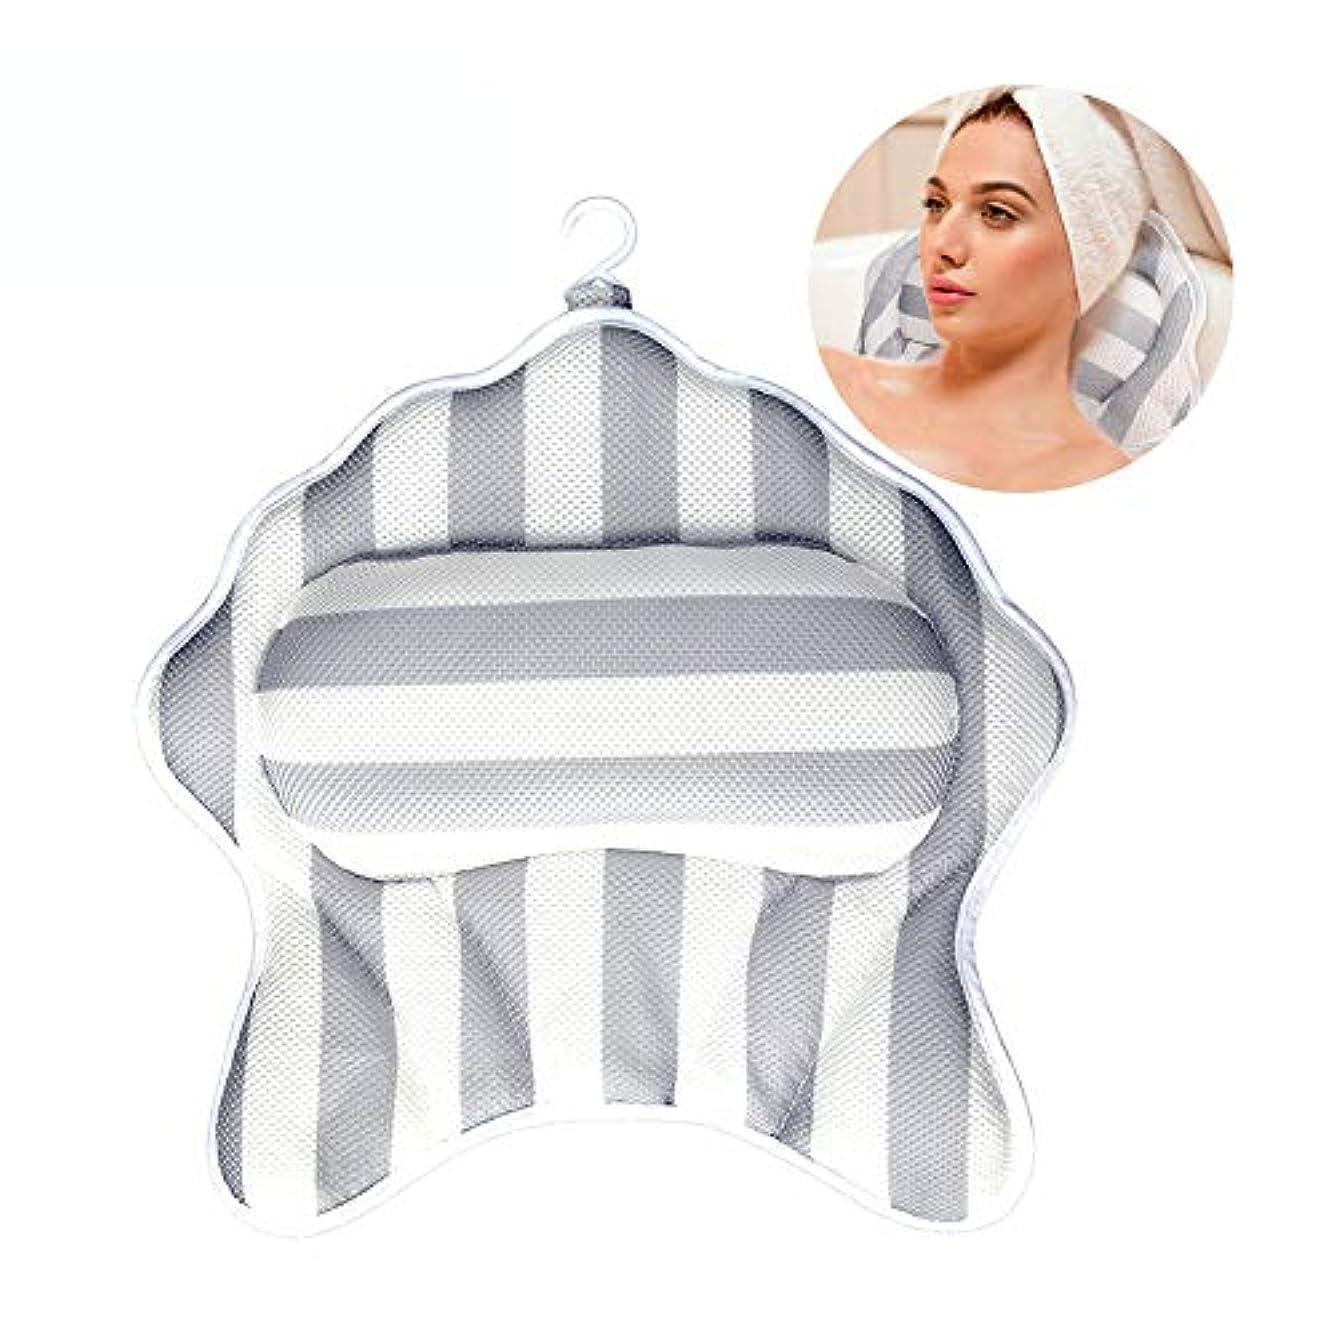 食料品店一般的に言えばホバート3dメッシュヒトデスパマッサージバスタブ枕浴室枕クッションwith6強い吸引カップは洗濯機で洗えます